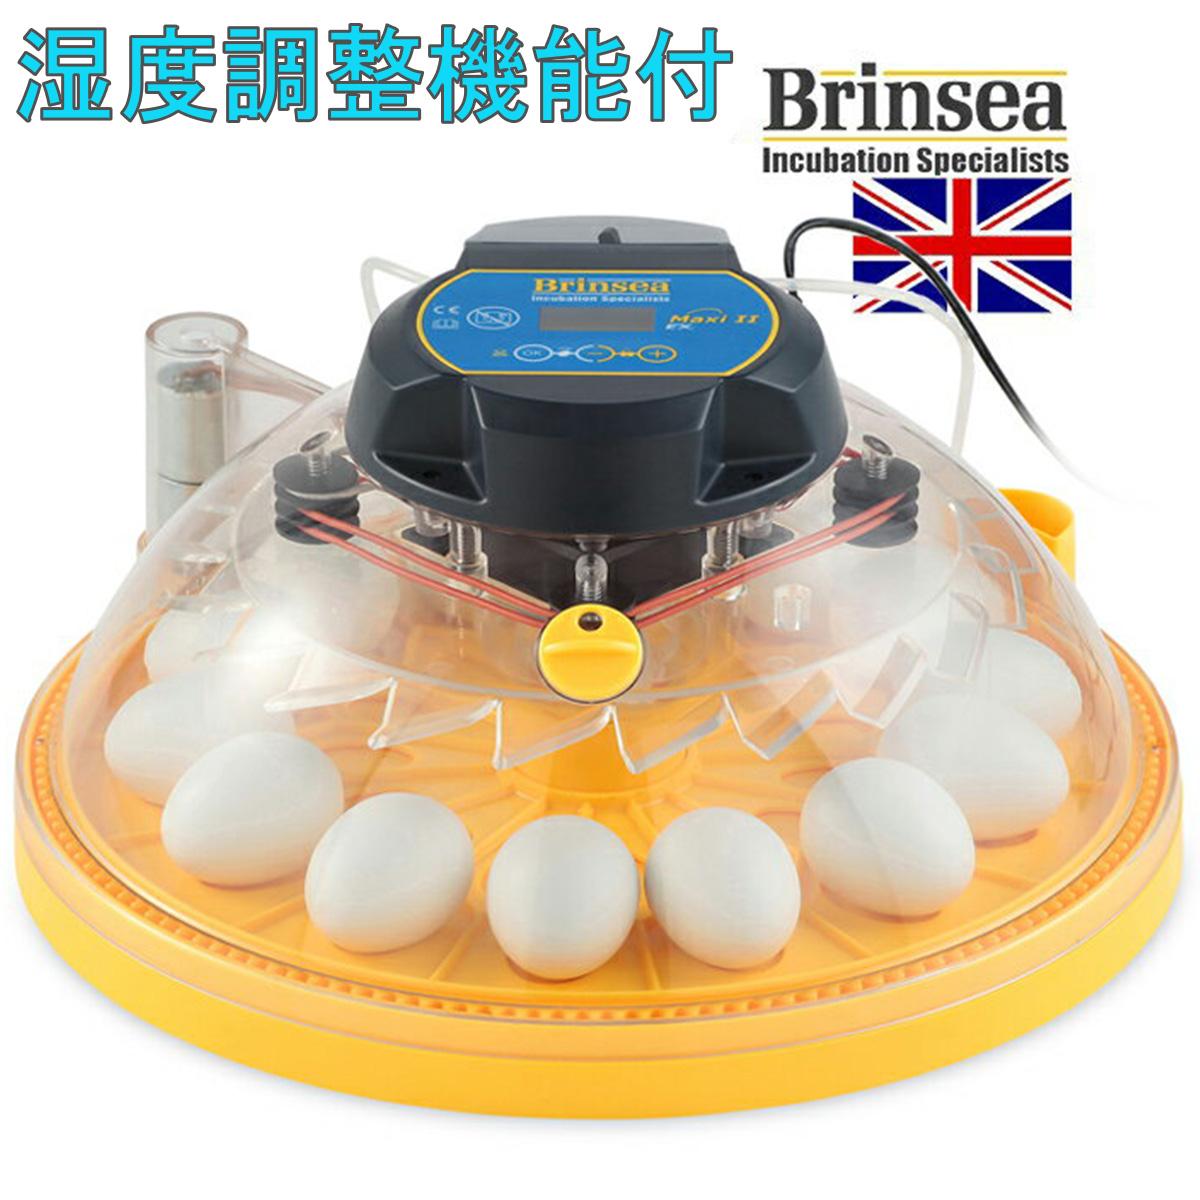 マックスアドバンスEX2 小型全自動孵卵器 イギリス製(ふ卵器・ふ卵機)